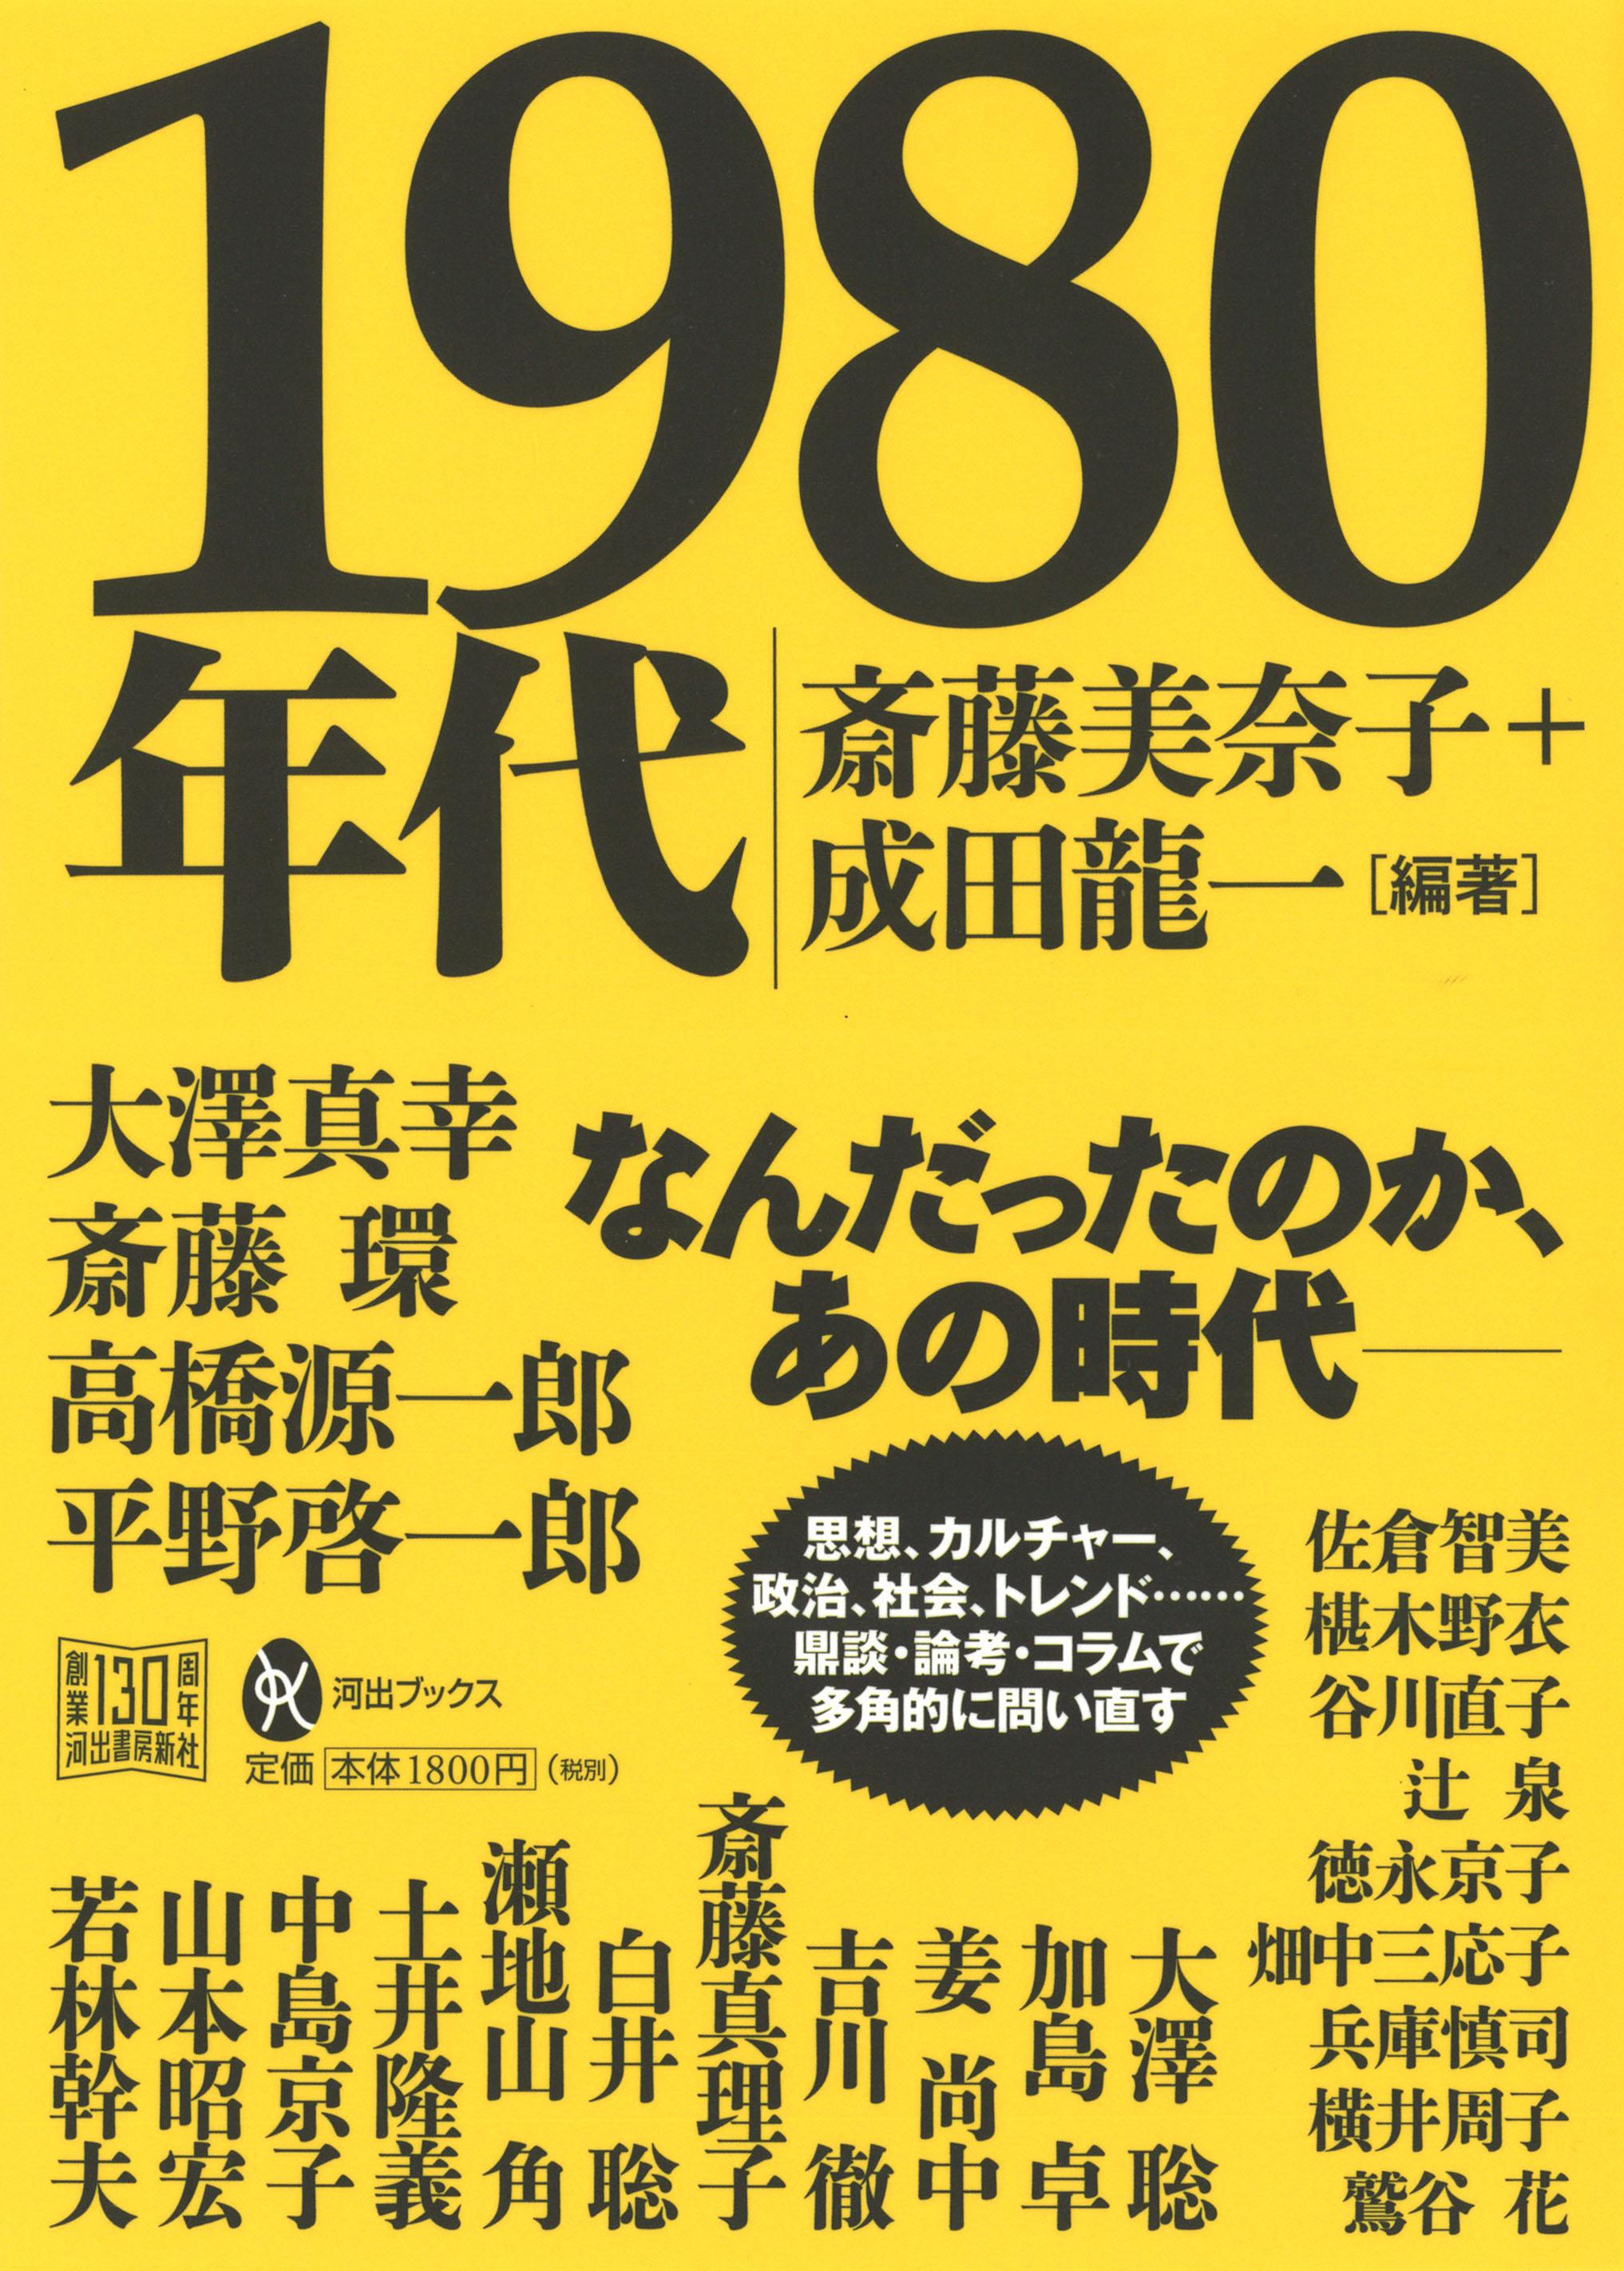 1980年代ってどんな時代だったの?|Web河出